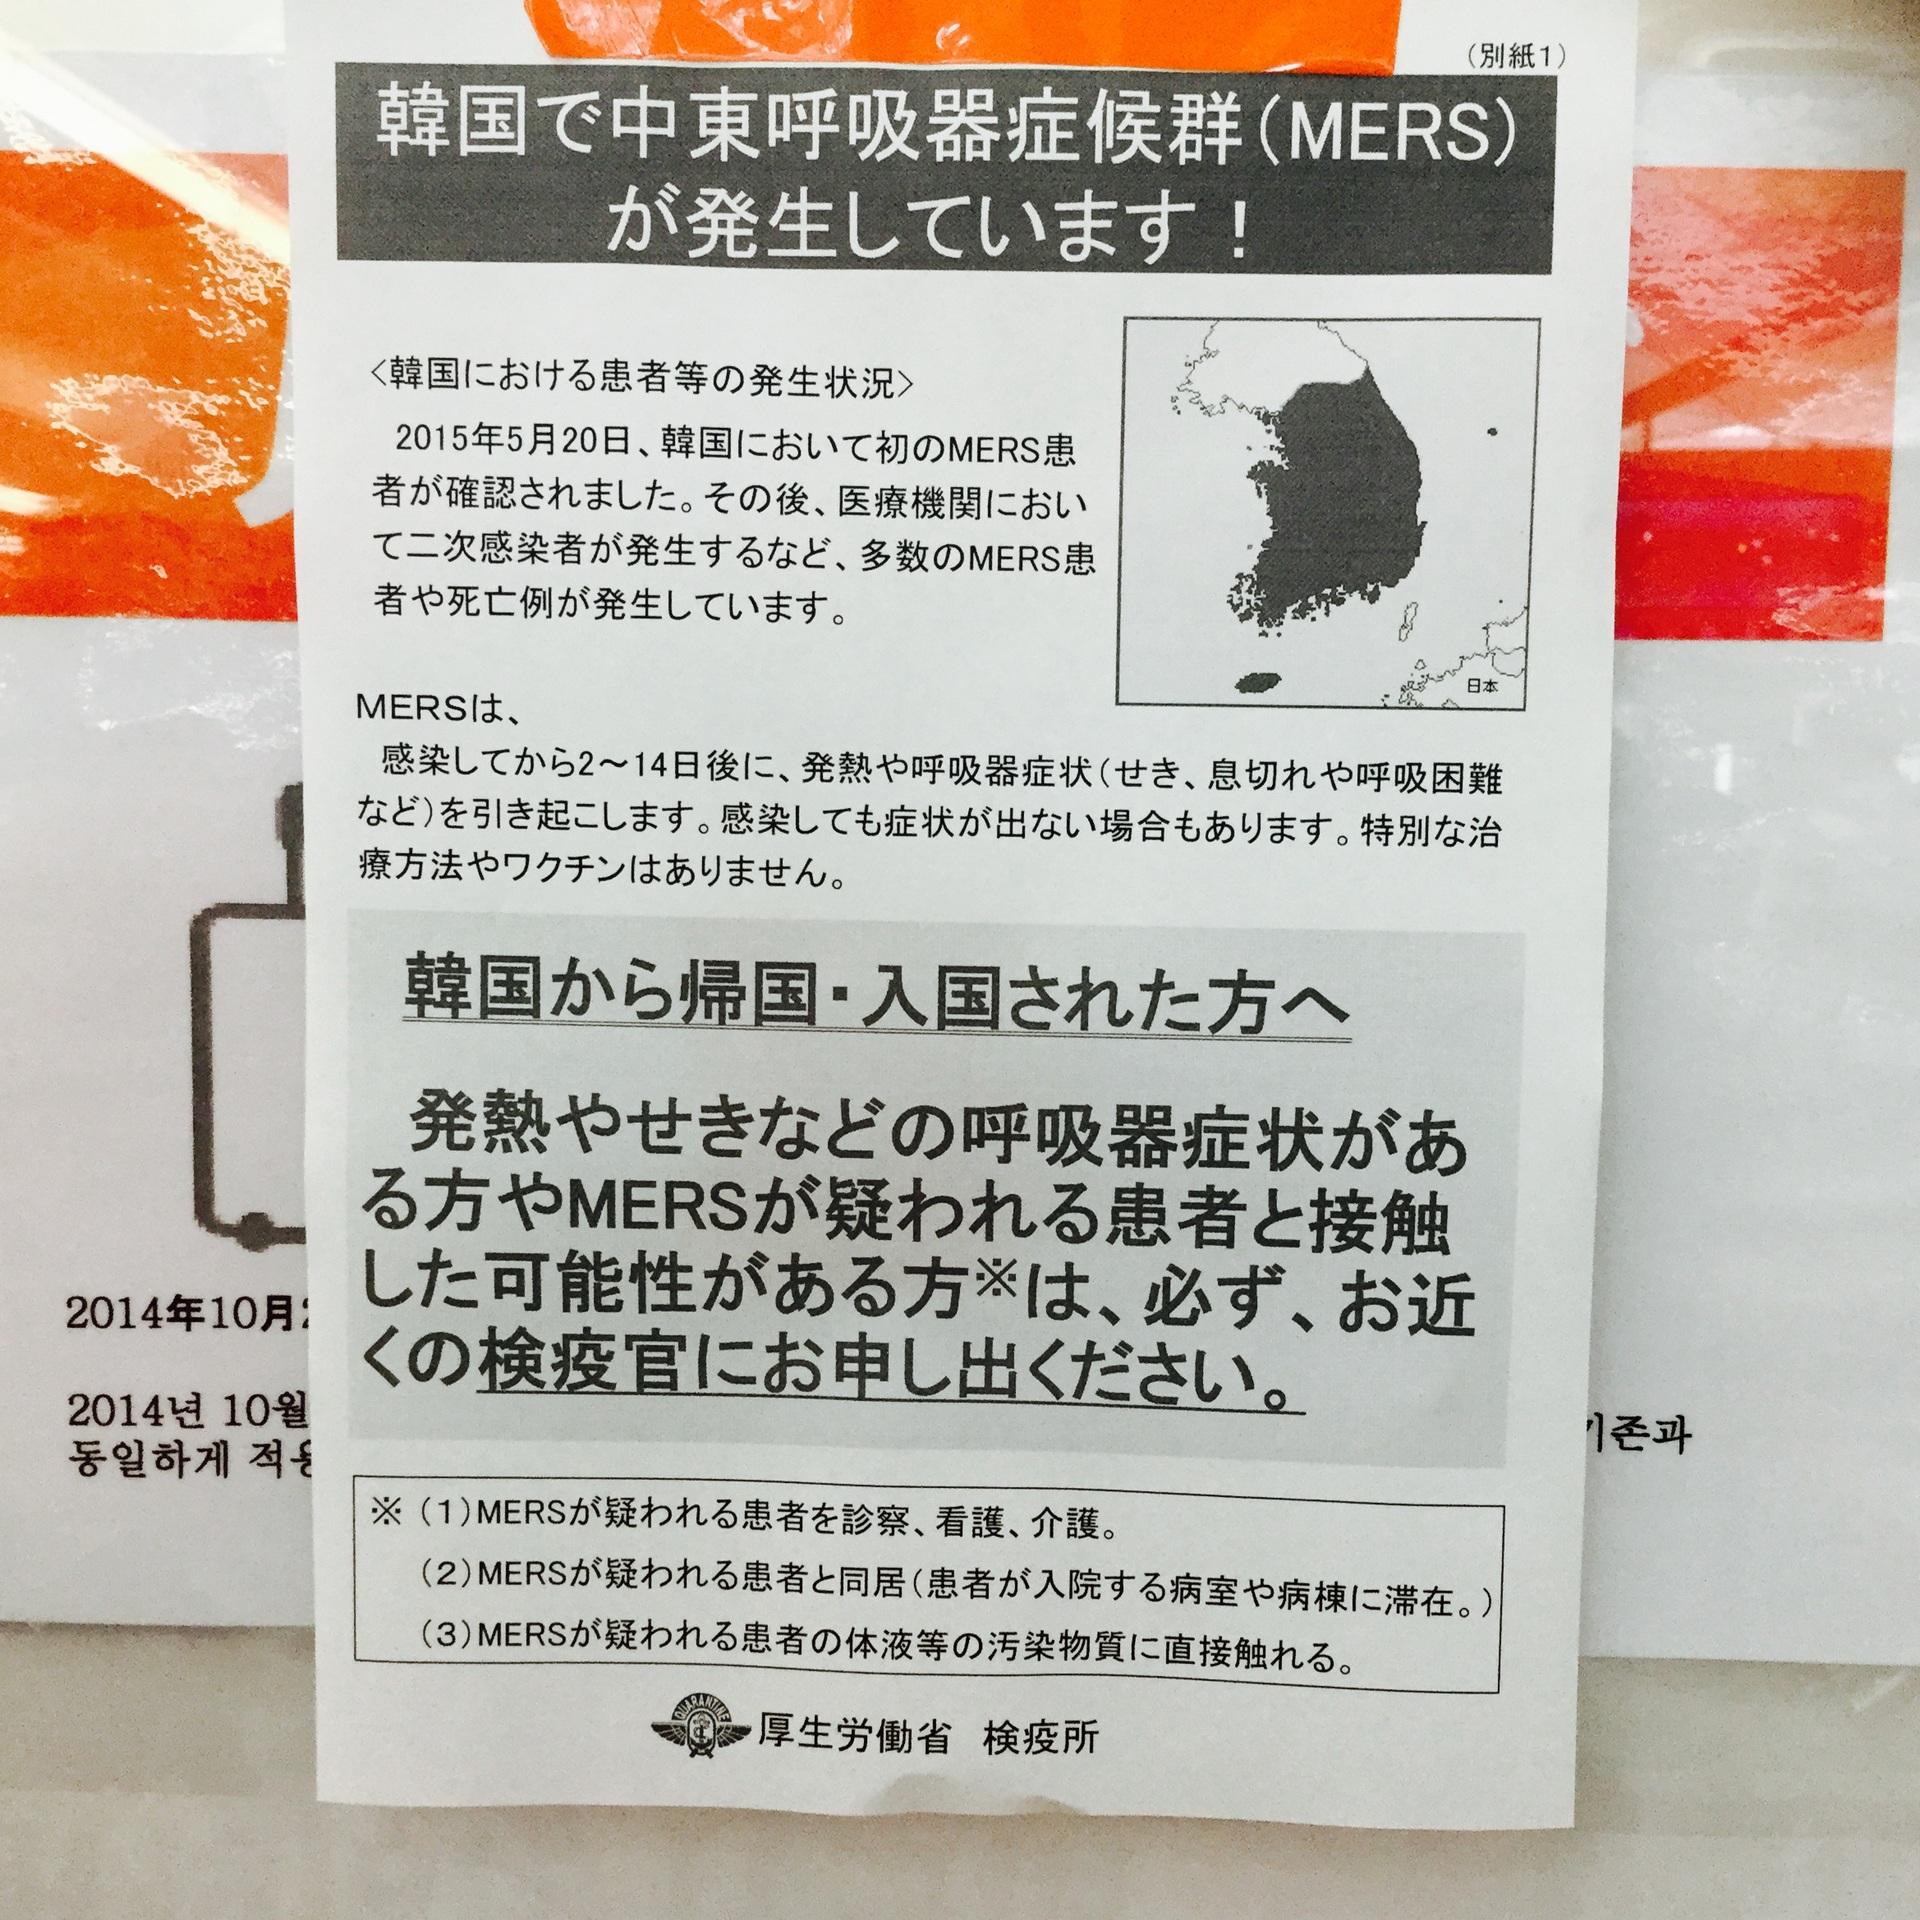 いよいよソウルだ! これが「 MARS 」に関する貼り紙!